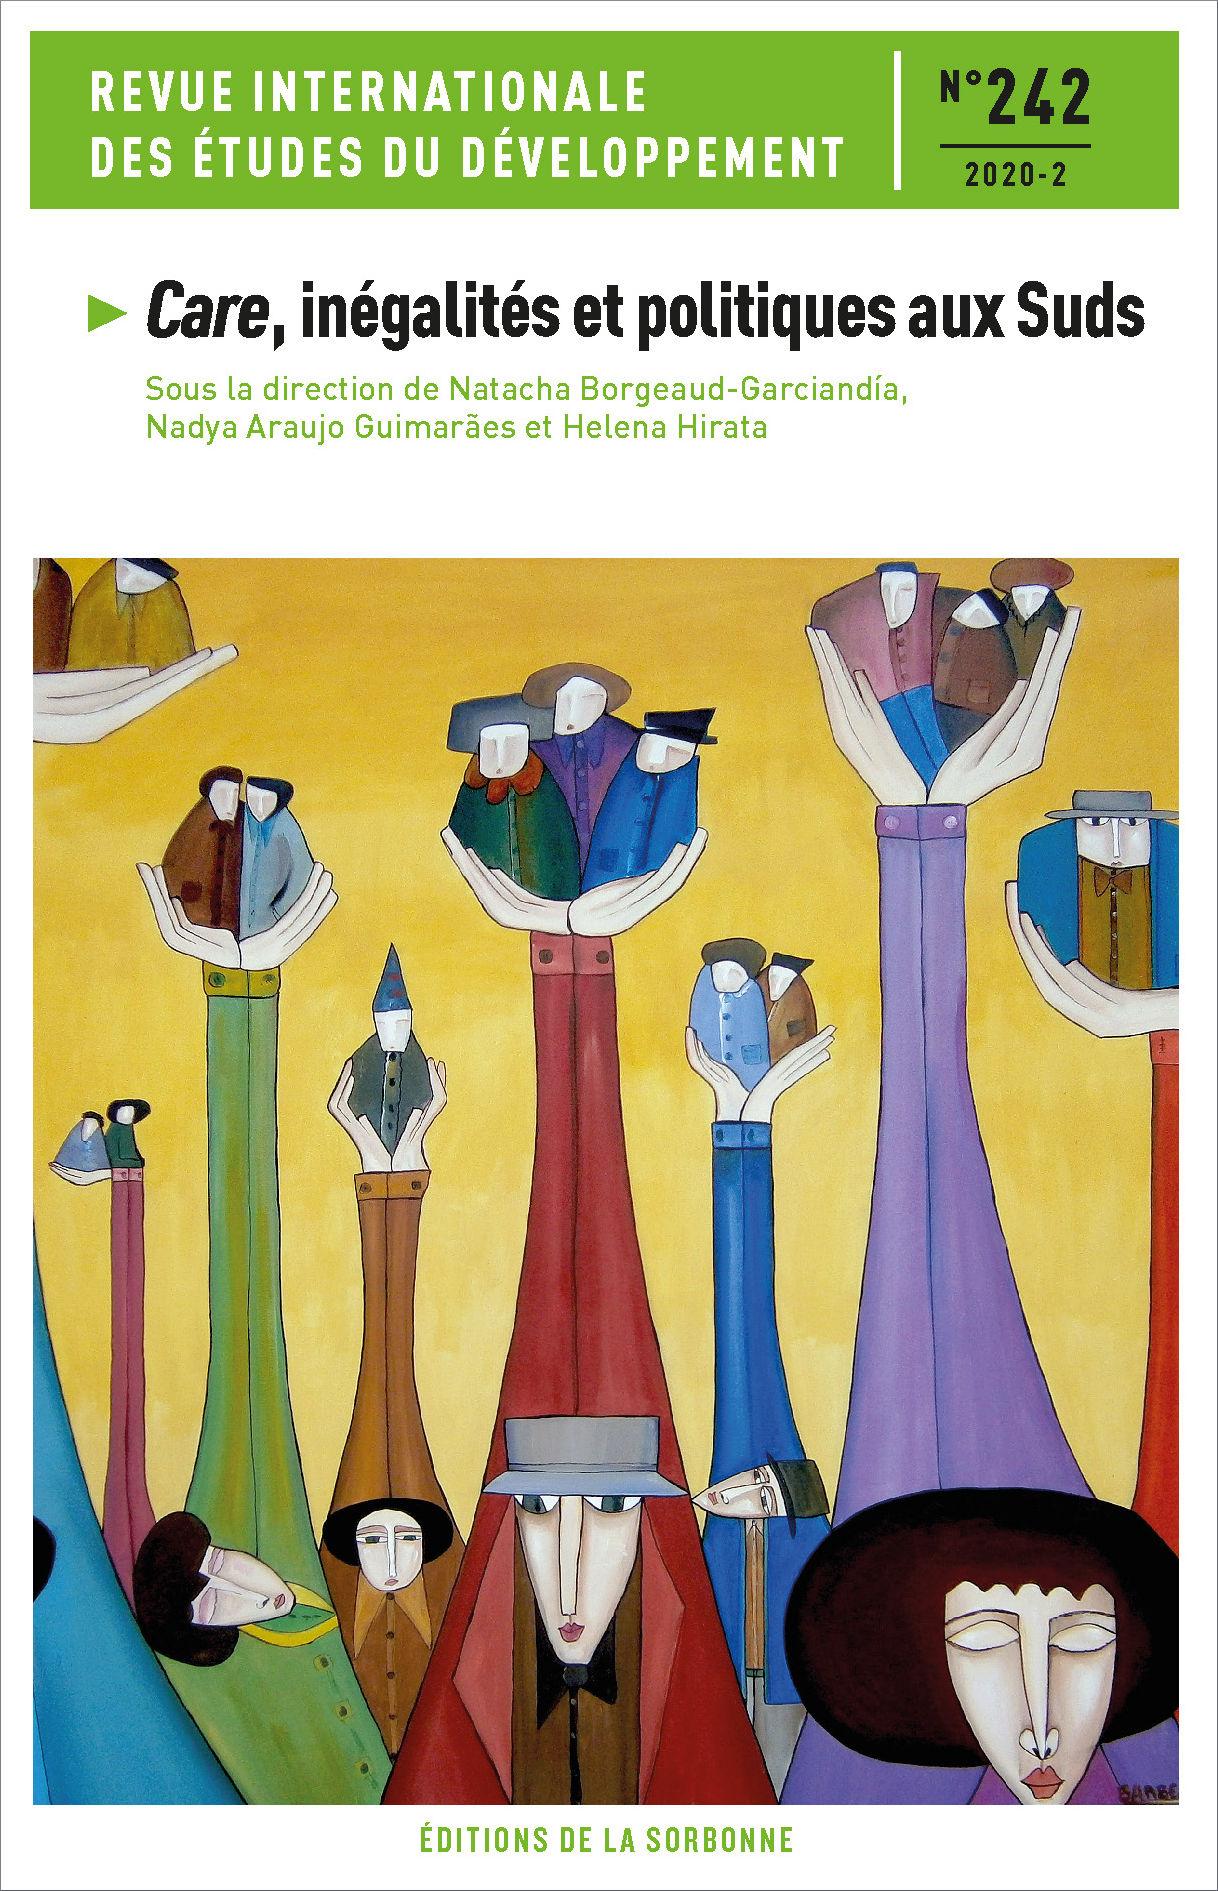 Couverture du numéro 242 (2020/2) de la Revue internationale des études du développement, intitulé Care, inégalités et politiques aux Suds, sous la direction de Natacha Borgeaud-Garciandía, Nadya Araujo Guimarães et Helena Hirata